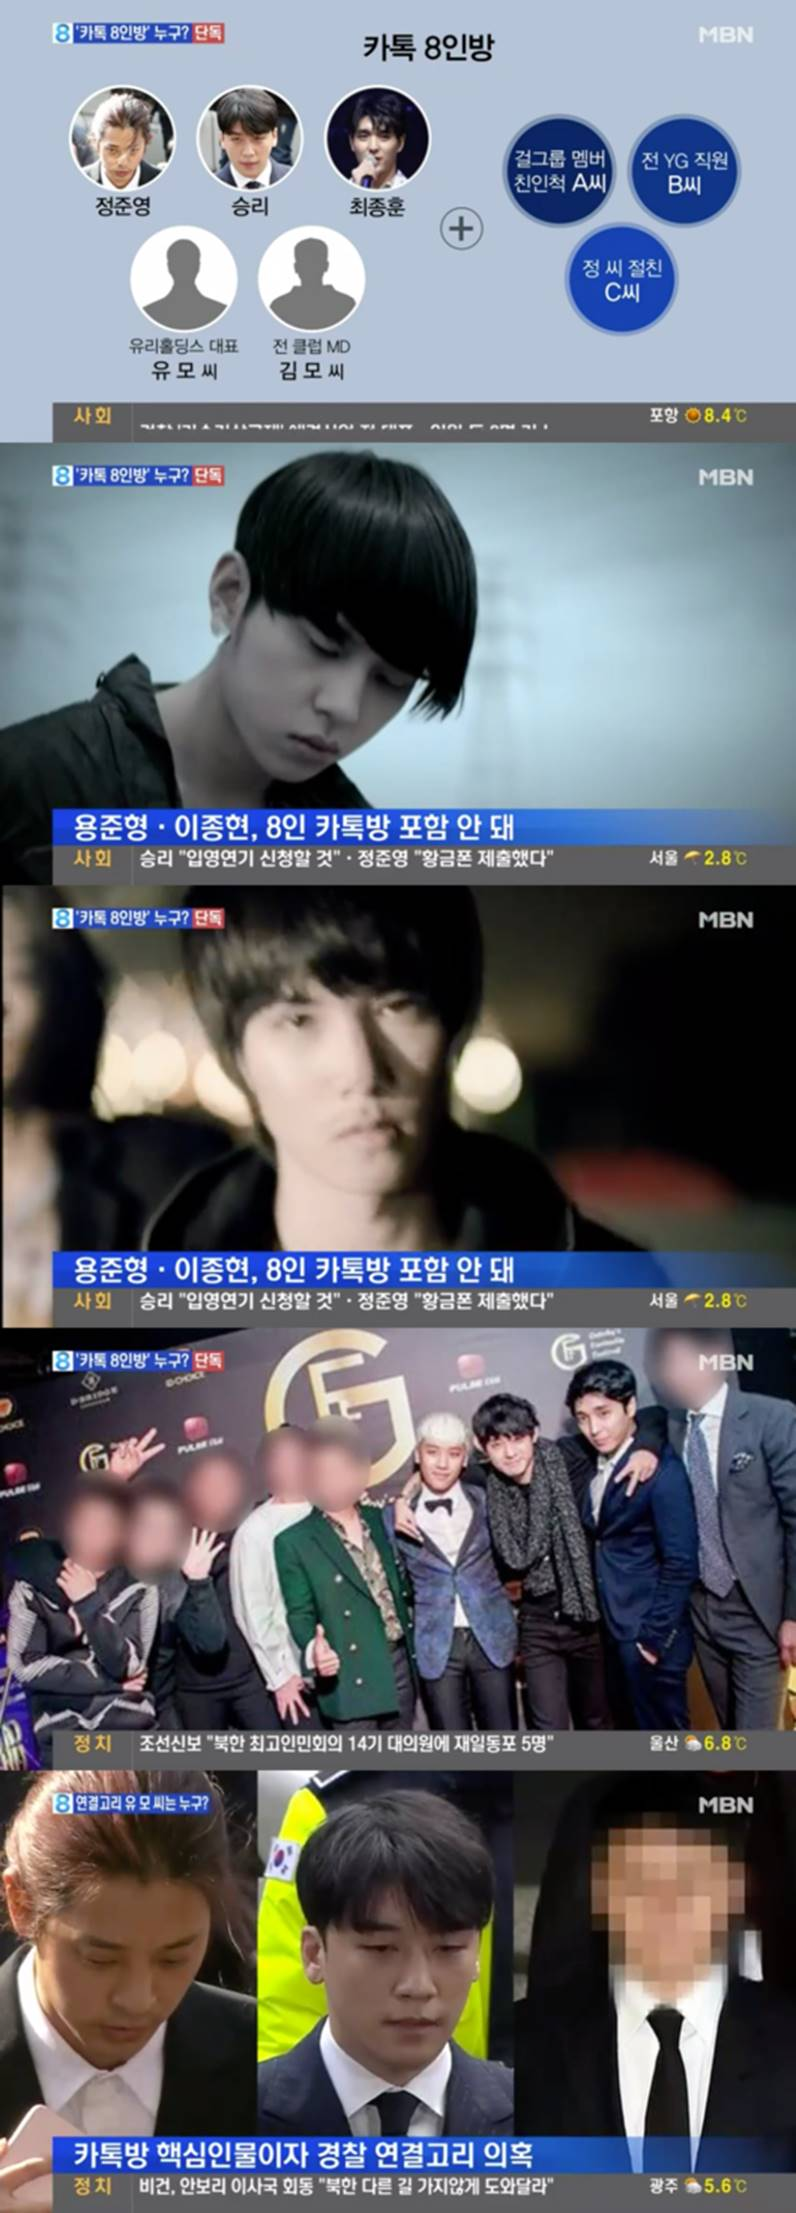 Chấn động: MBN tiết lộ luôn danh sách đầy đủ 8 nhân vật trong chatroom tình dục bệnh hoạn của Seungri-1